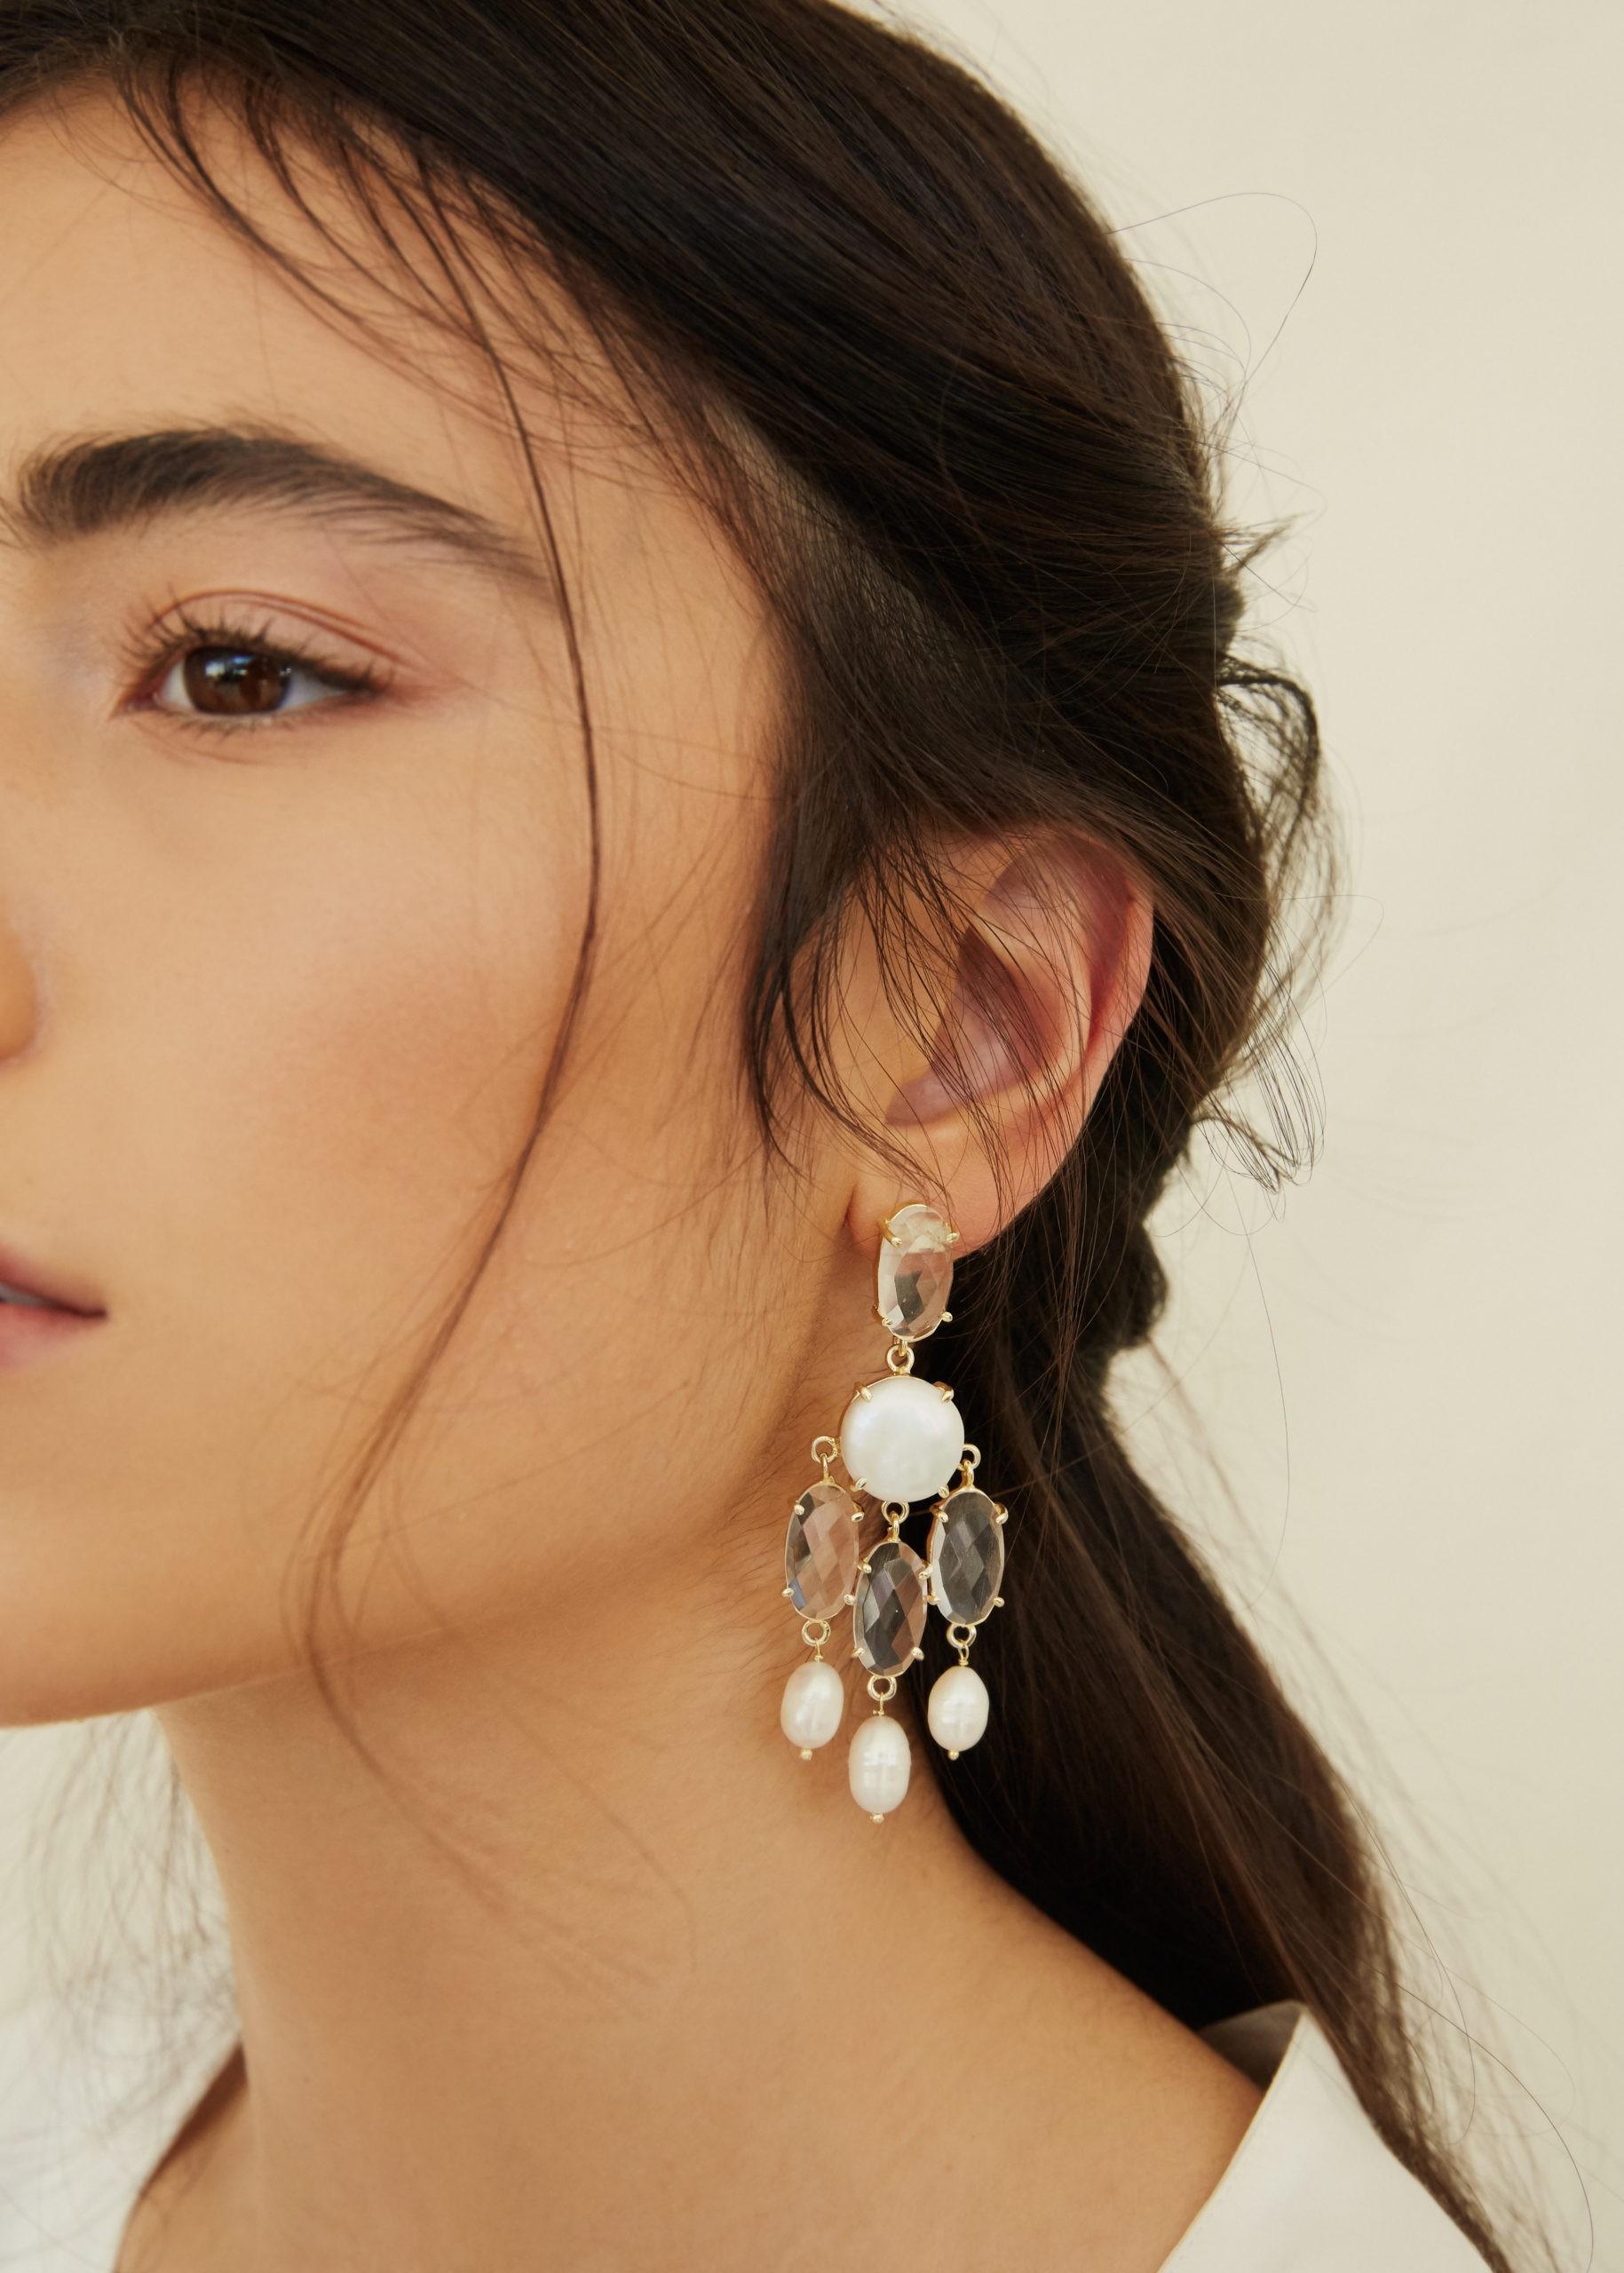 Bijoux accessoires de mariage Bo&luca callie boucles d'oreille longues doré accessoires bracelet coiffure cheveux précieux pierre